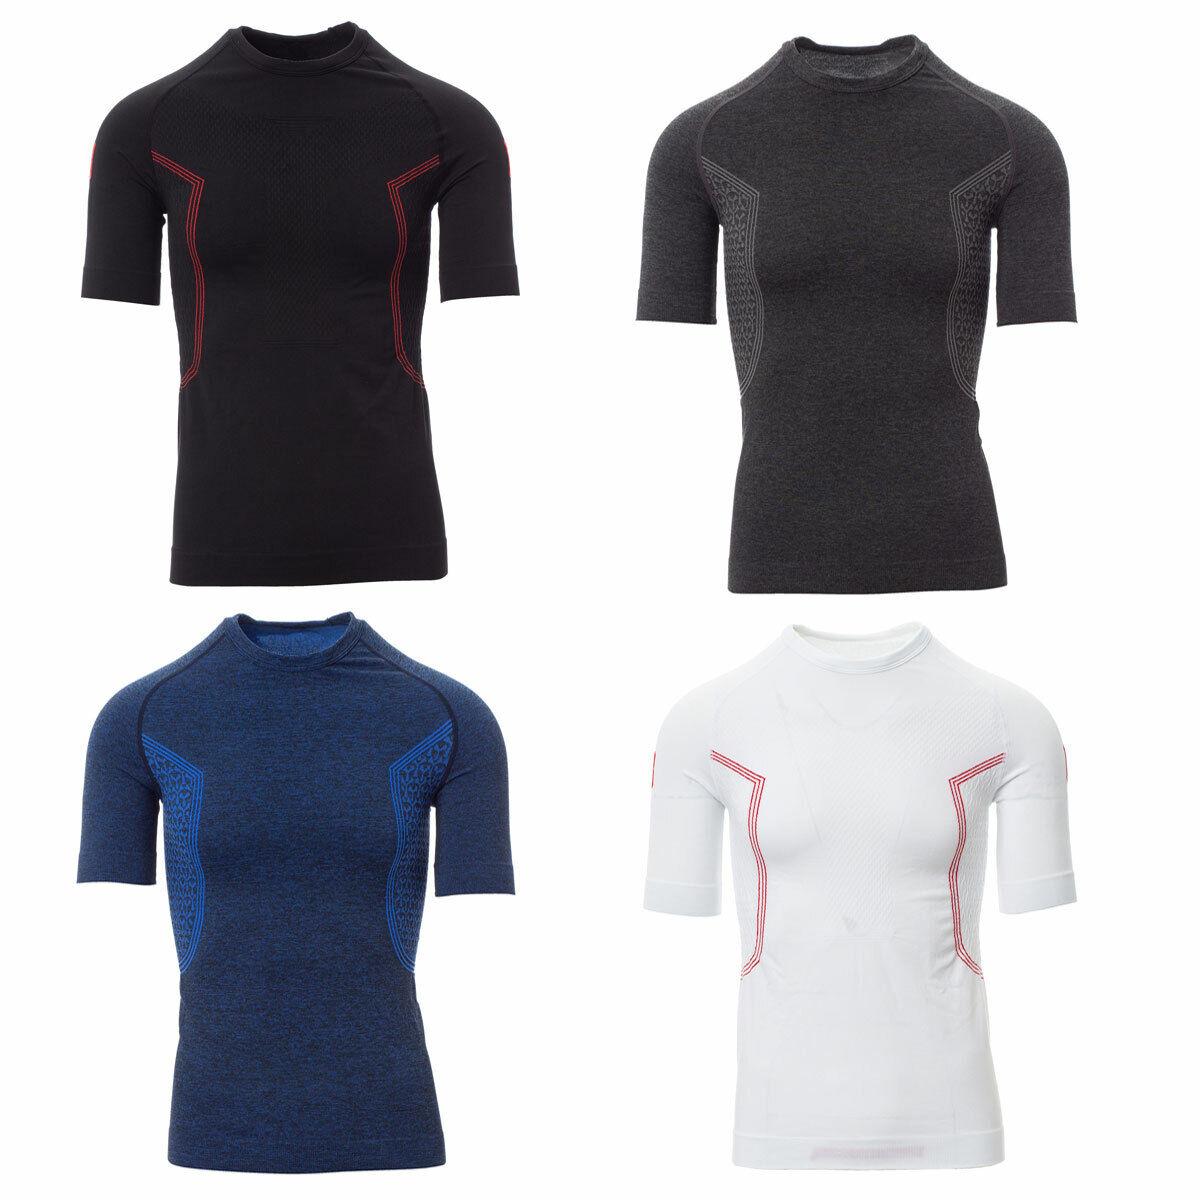 Herren Kompressionsshirt Funktionsshirt T-Shirt Kurzarm Rundhals Thermoshirt